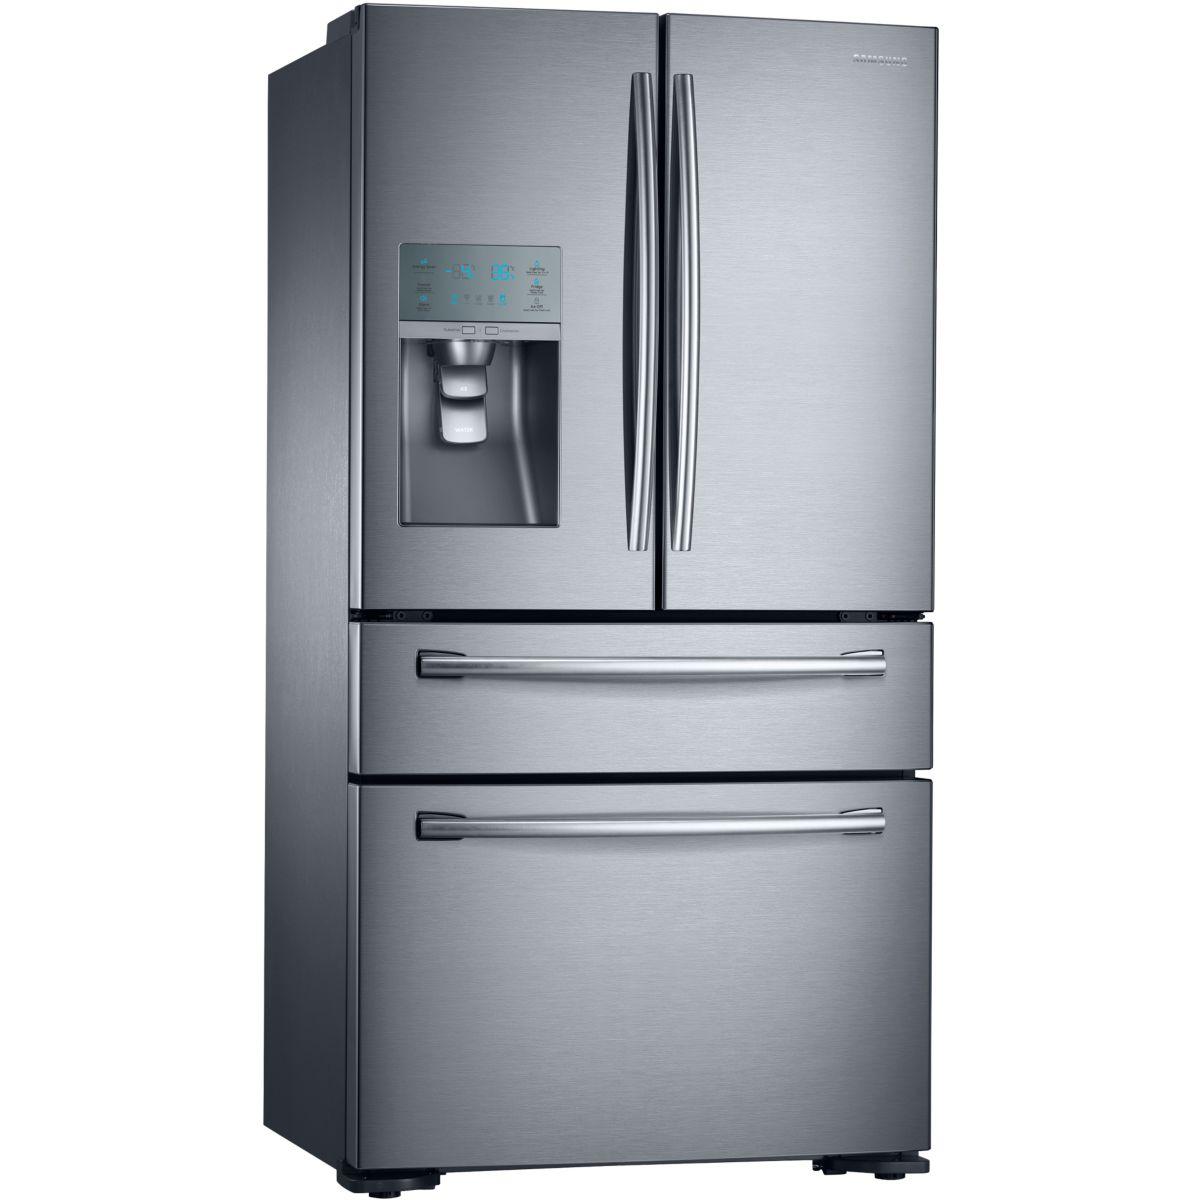 Samsung rf24hsesbsr r frig rateur combin avec syst me - Comparateur de prix refrigerateur ...